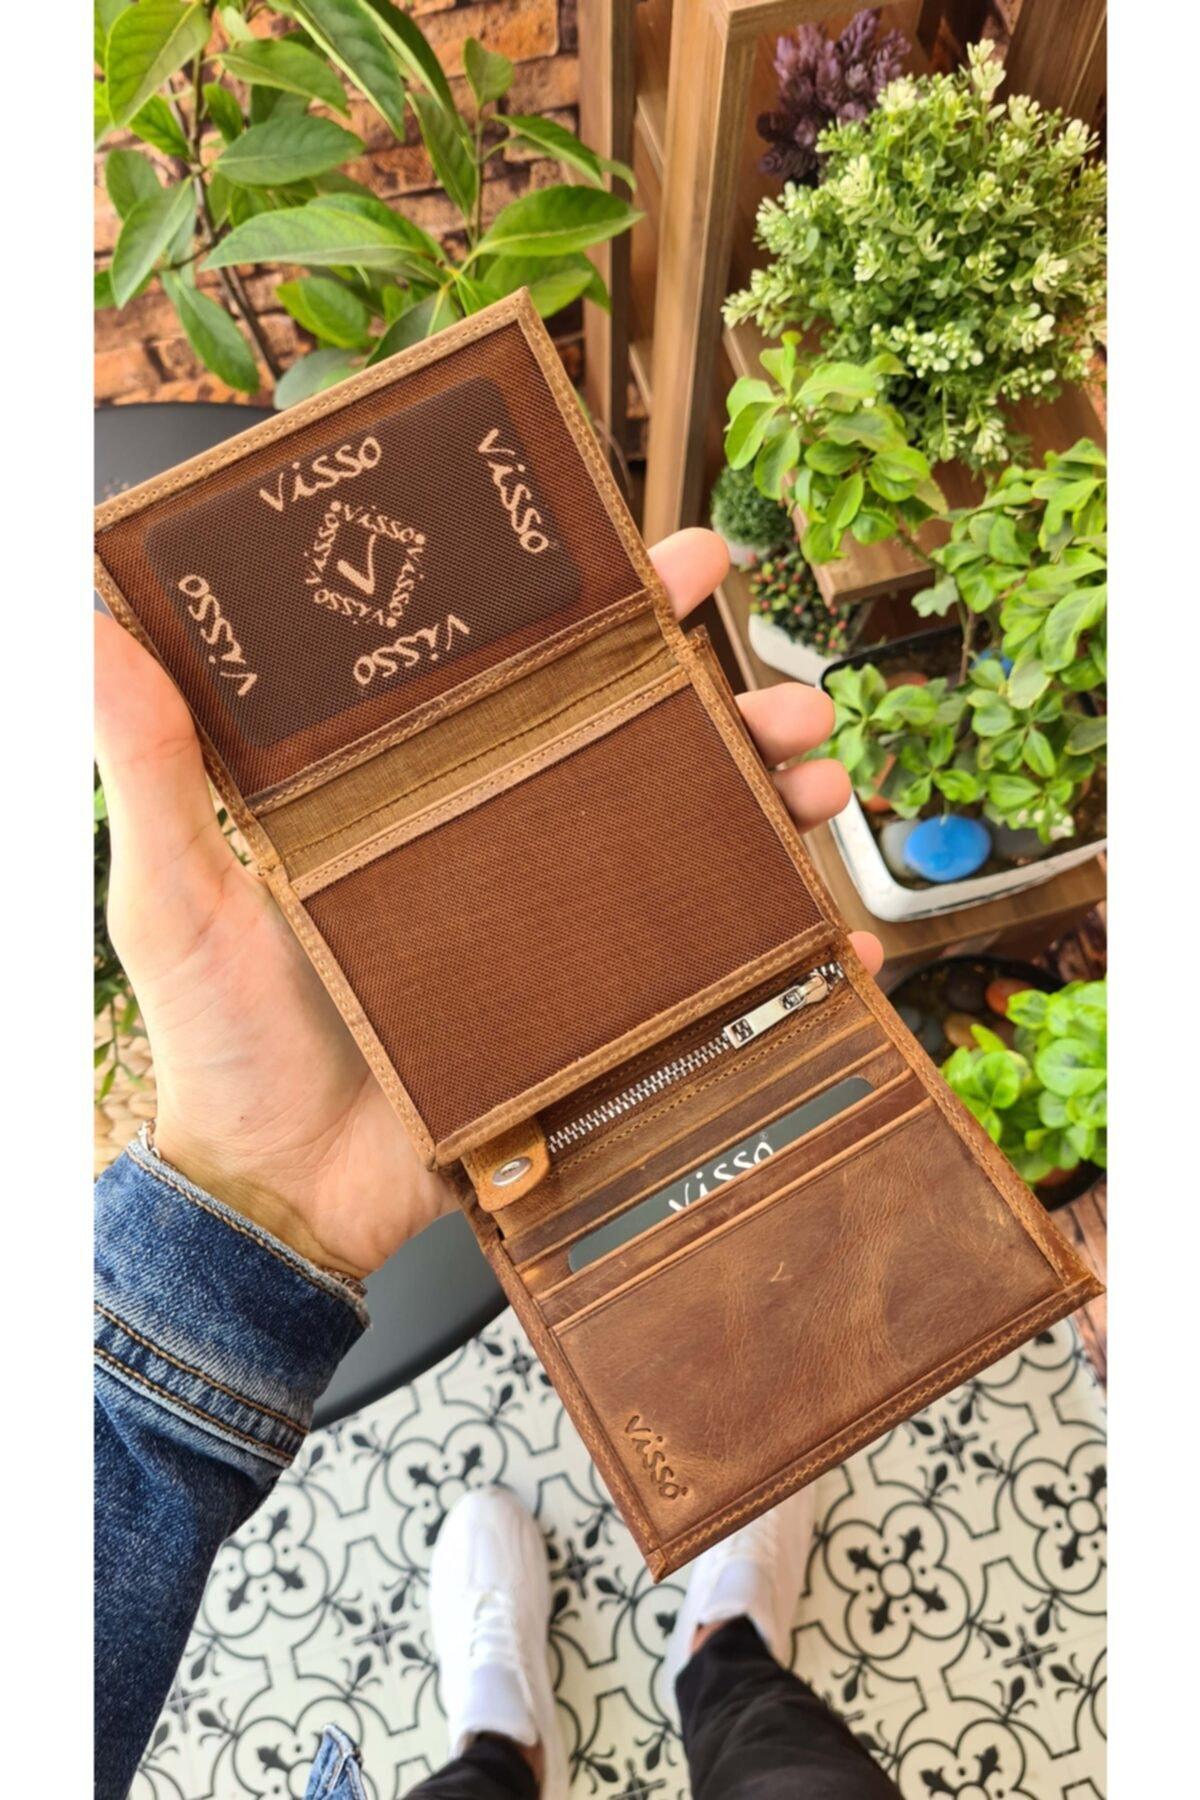 Visso leather Visso 114 Hakiki Deri Cüzdan Erkek Kadın Deri Kartlı Cüzdan Çanta 2